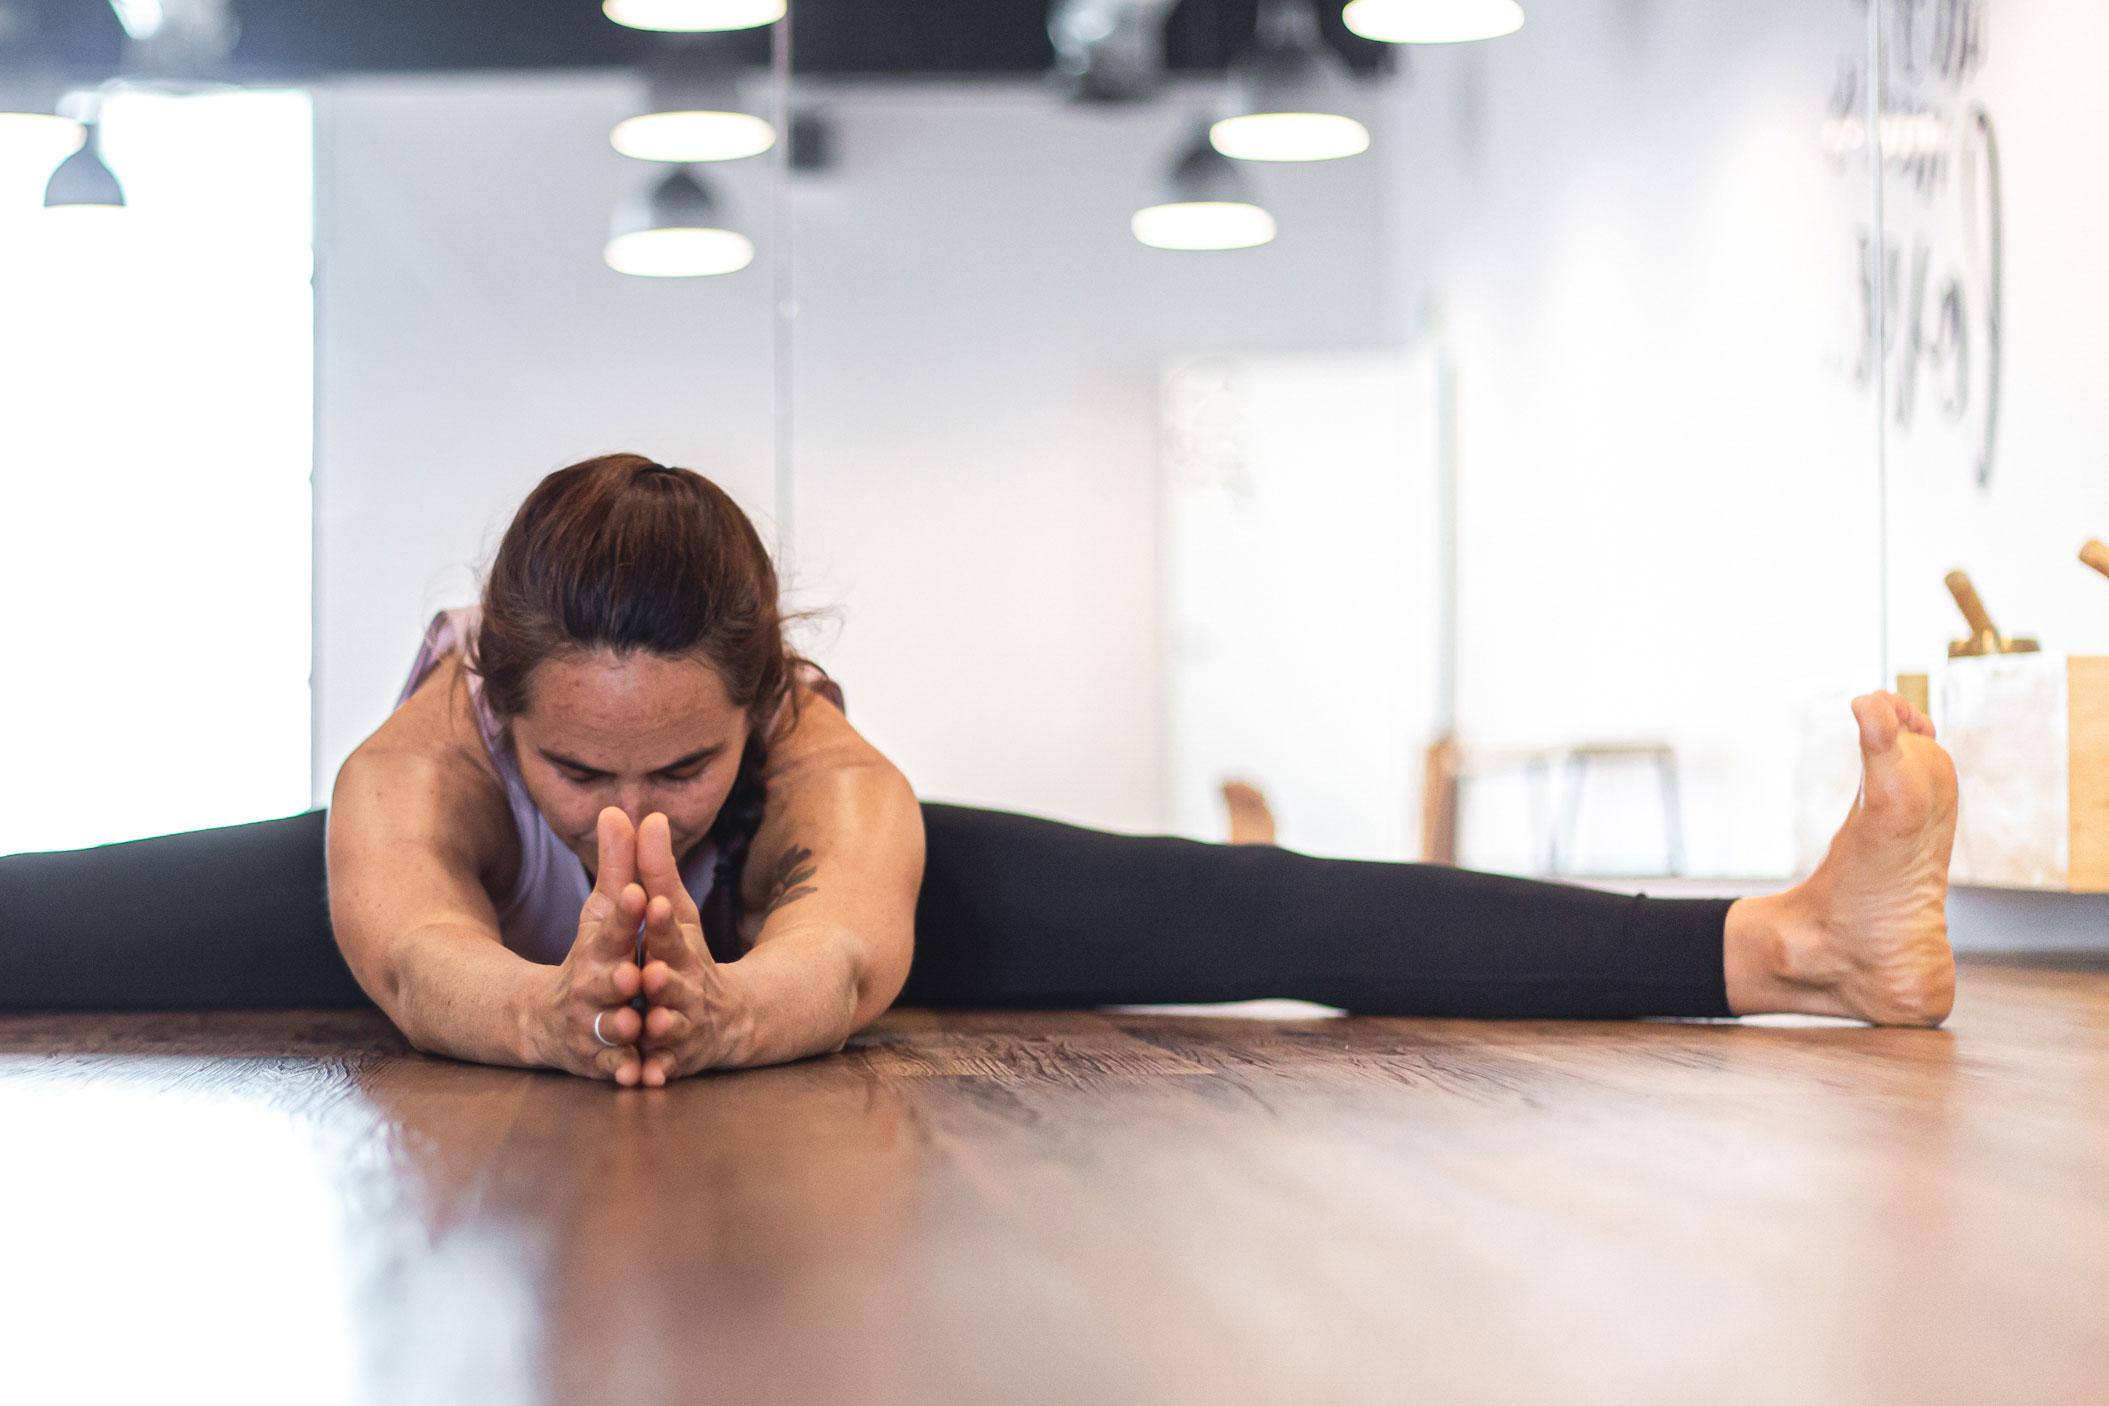 Mujer practica yoga en una postura de torsión y desintoxicación.